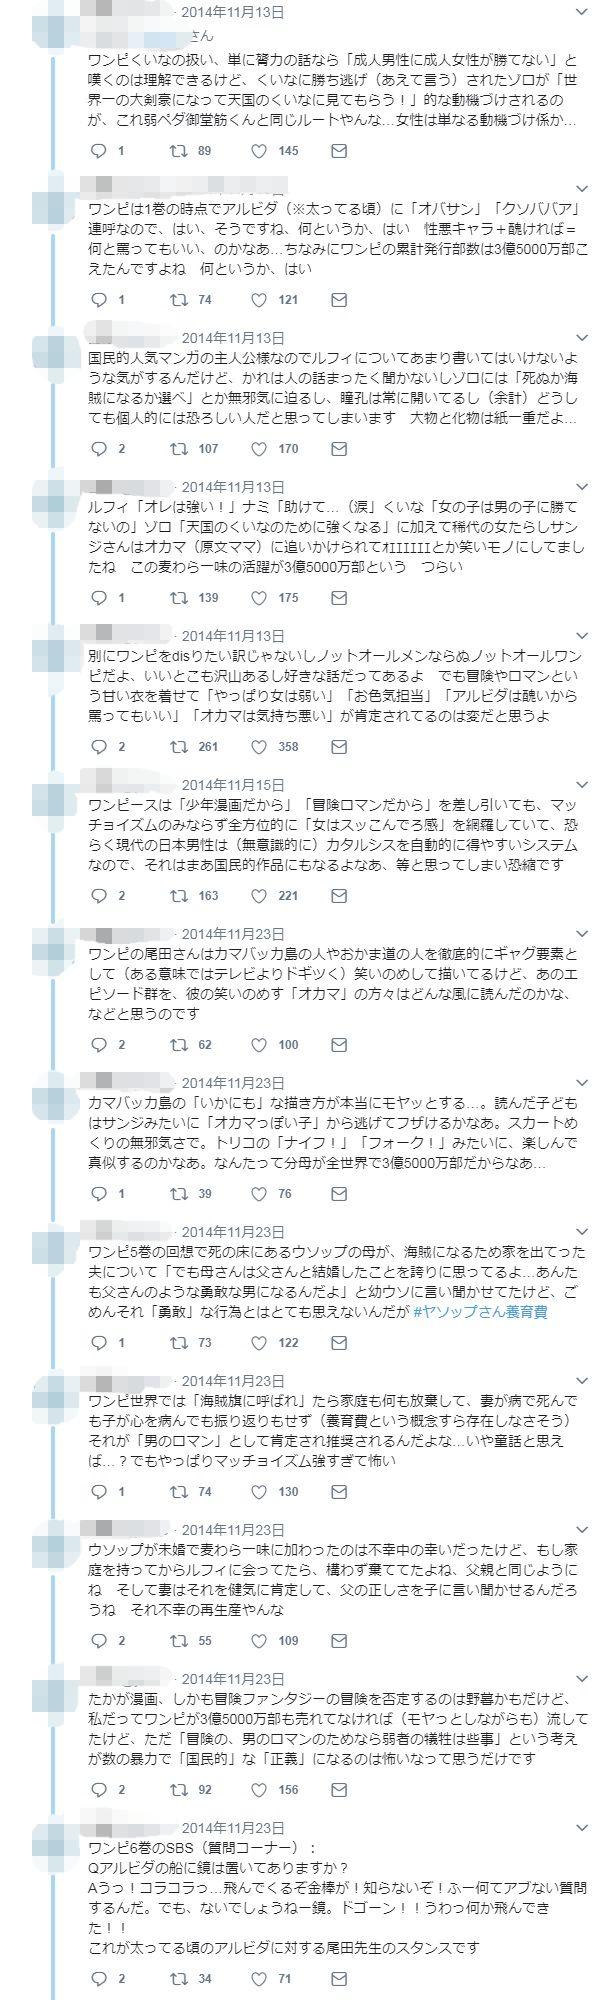 ワンピース ブチギレ 尾田栄一郎に関連した画像-04